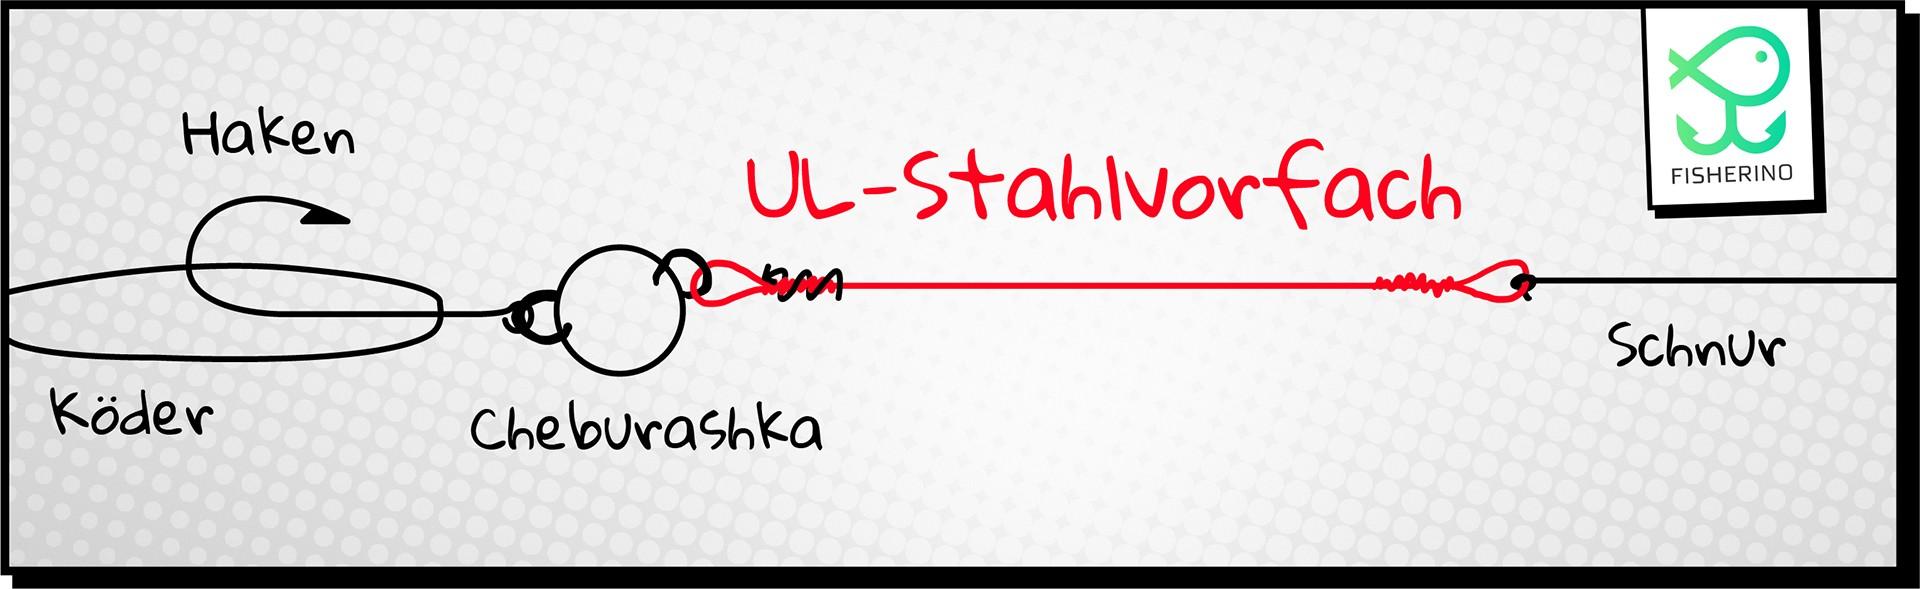 UL-Stahlvorfach Erklärung